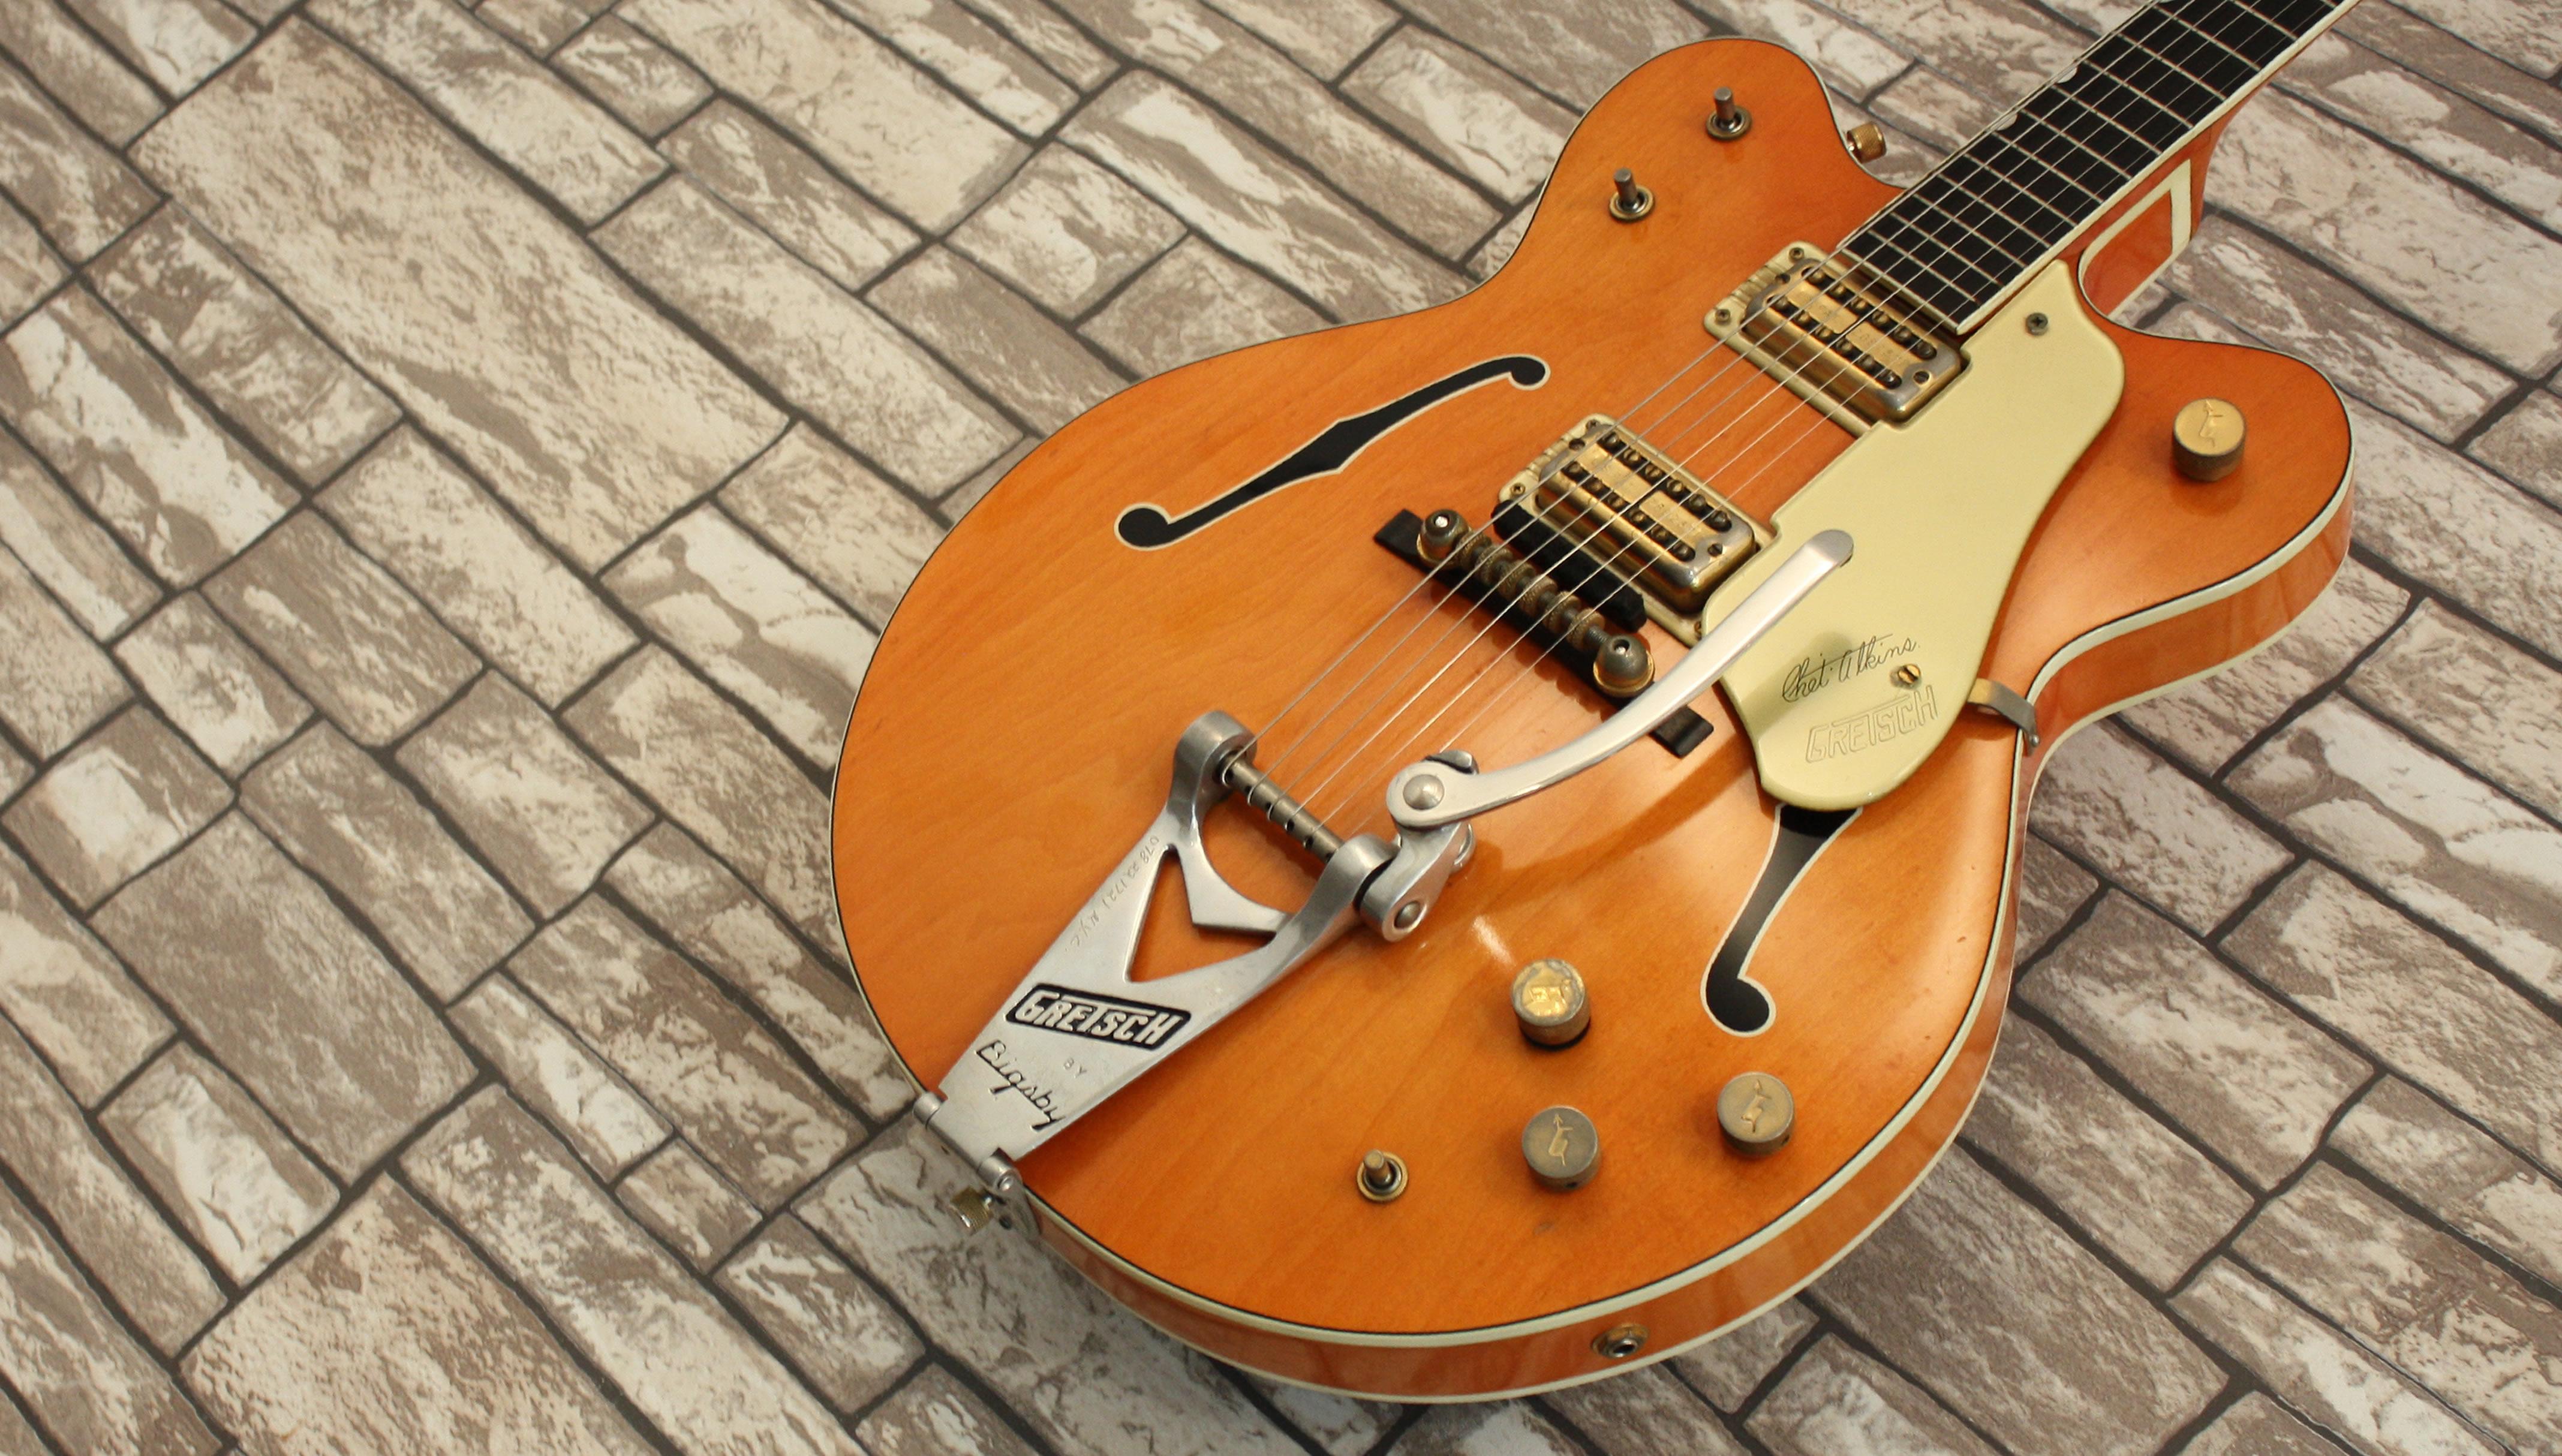 Gretsch 6120 Orange Stain 1962